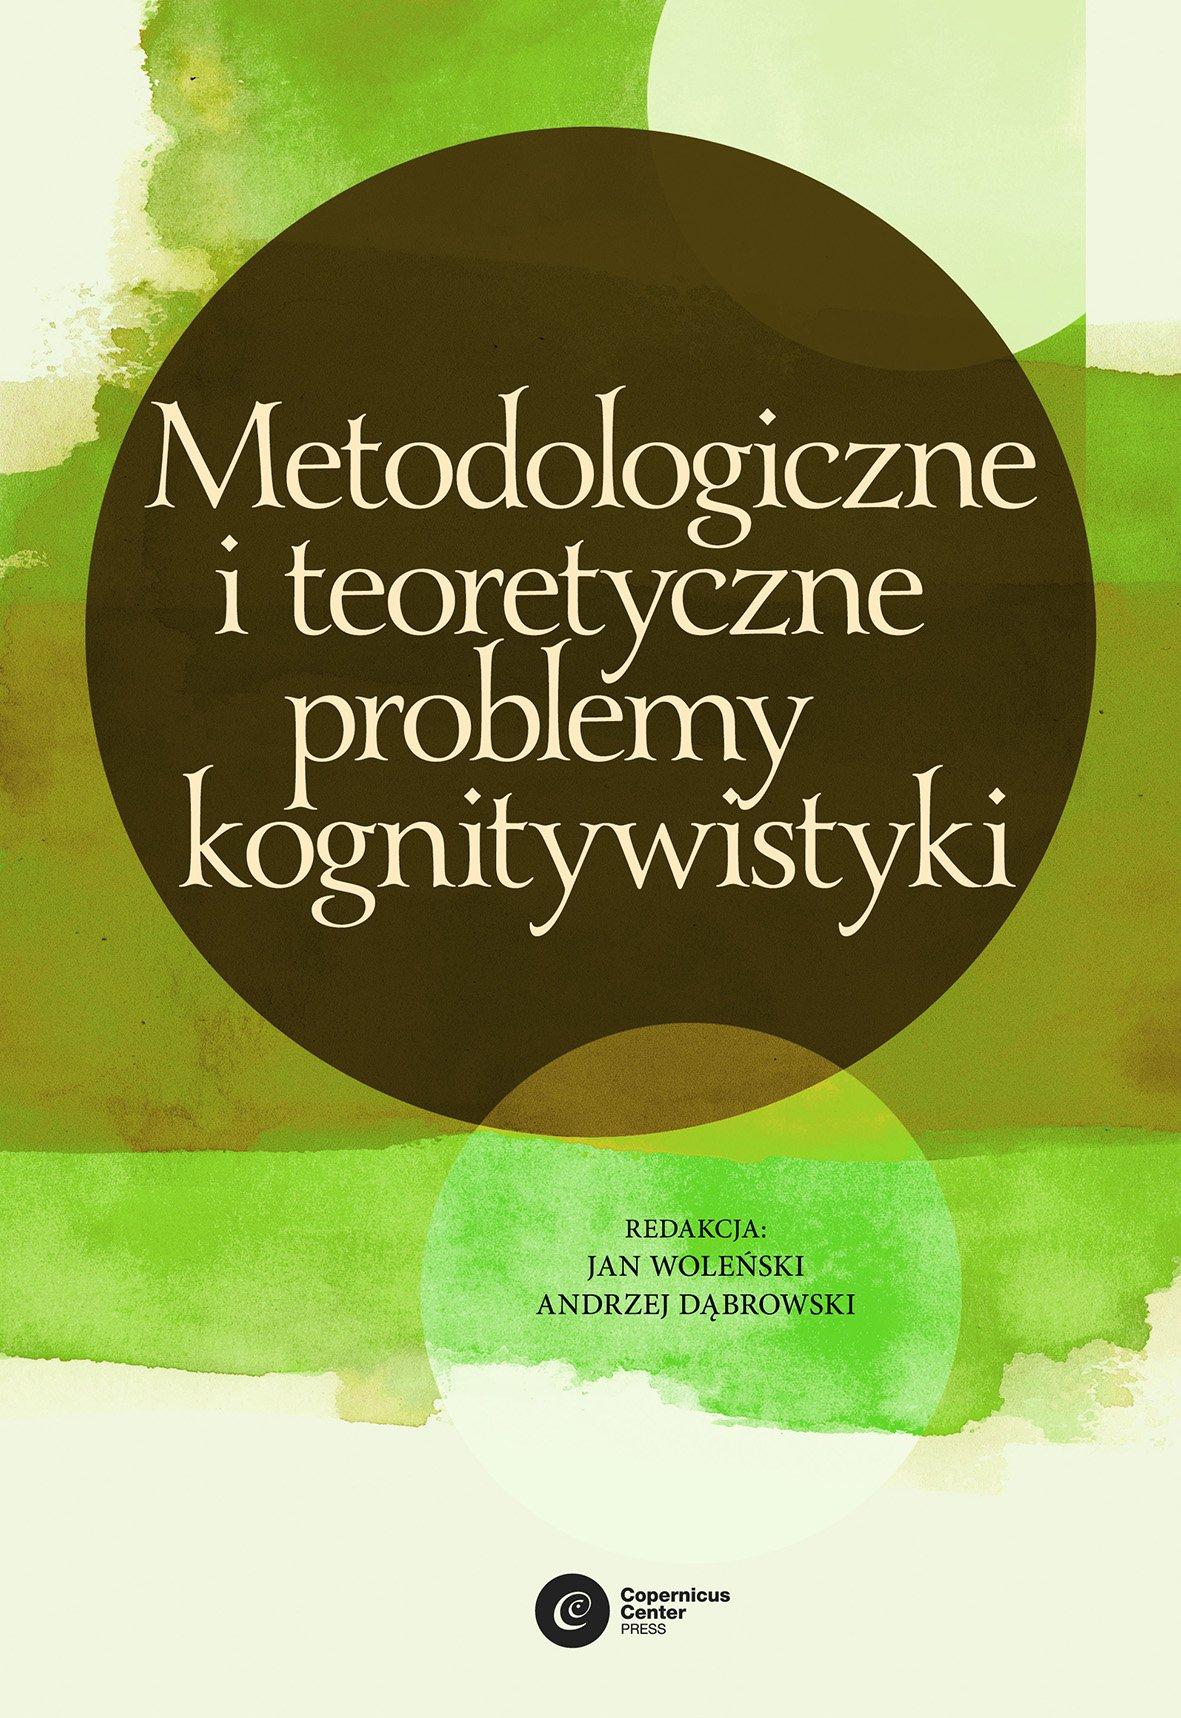 Metodologiczne i teoretyczne problemy kognitywistyki - Ebook (Książka na Kindle) do pobrania w formacie MOBI